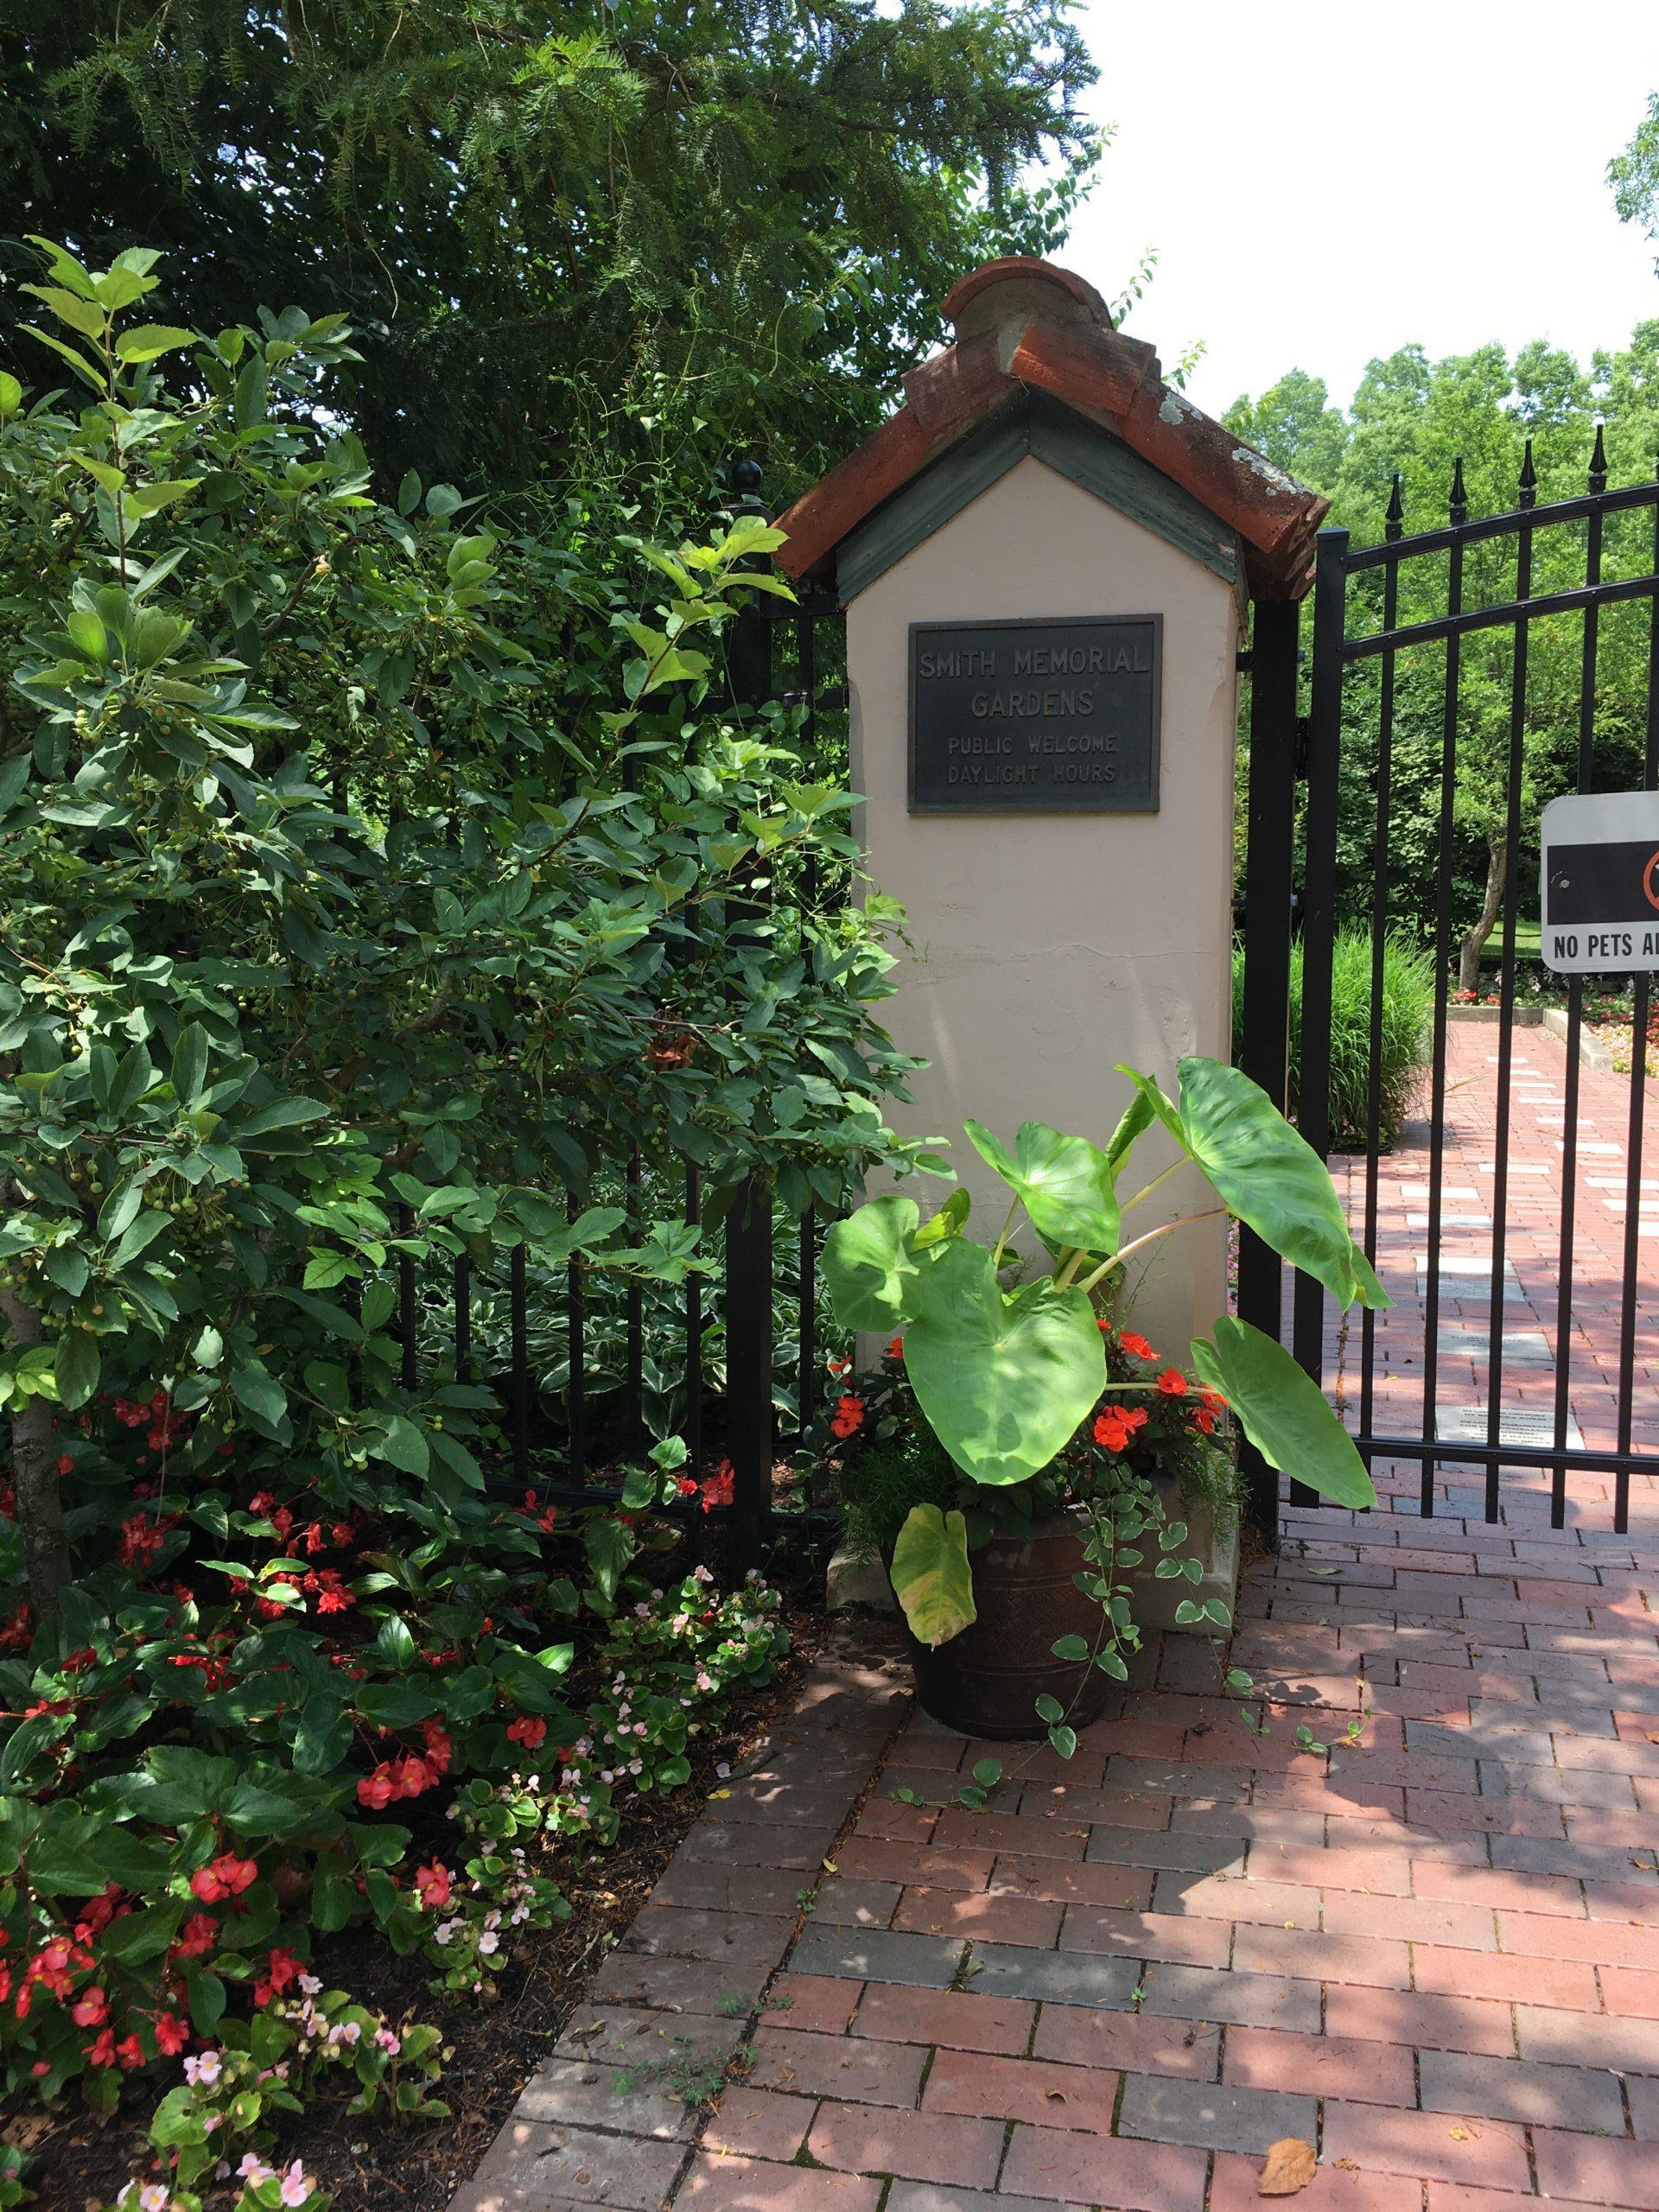 Smith Gardens Entrance